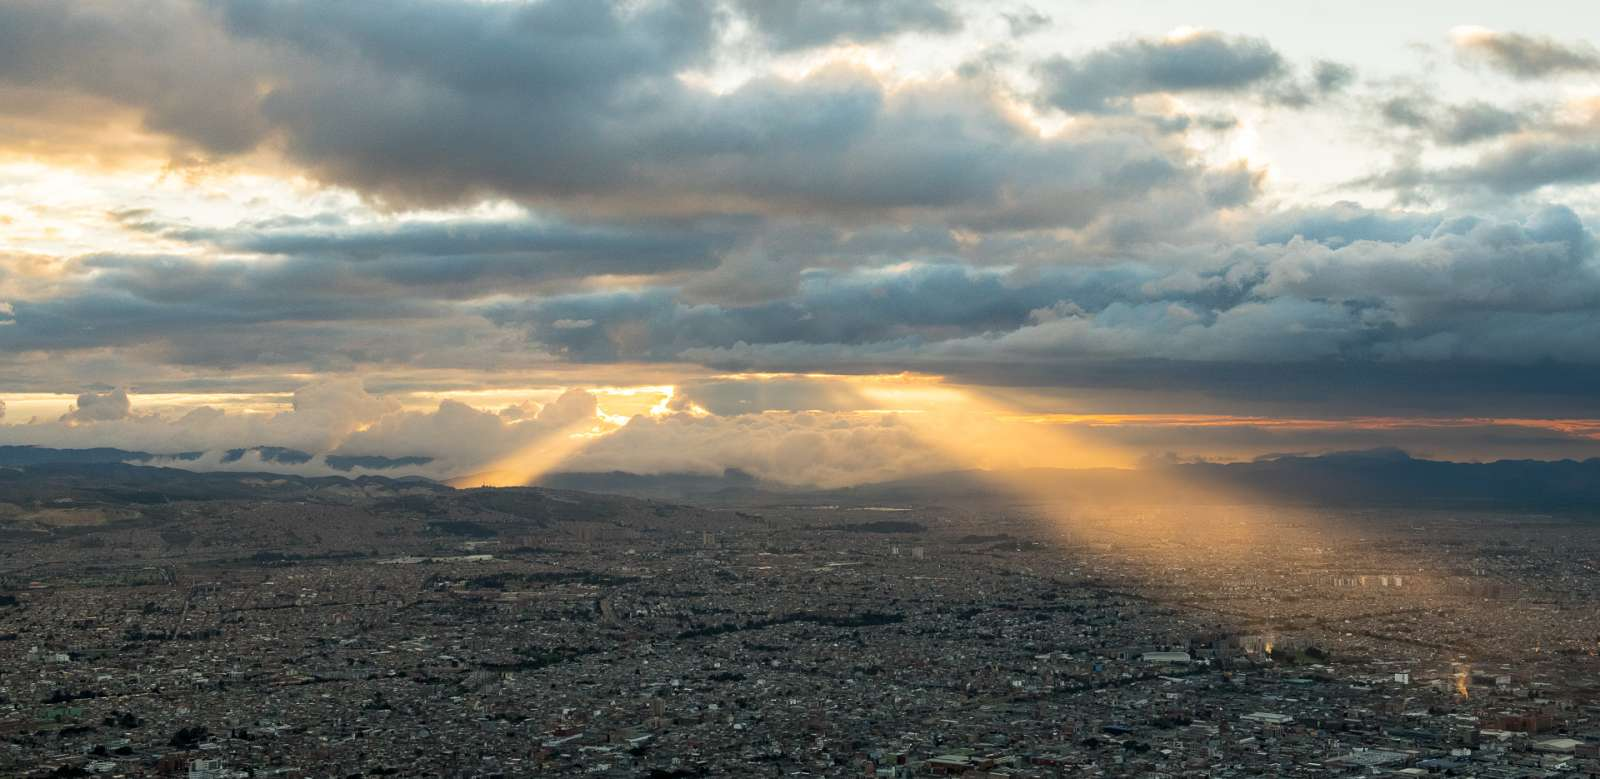 Así fue el taller de fotografía en Colombia 11